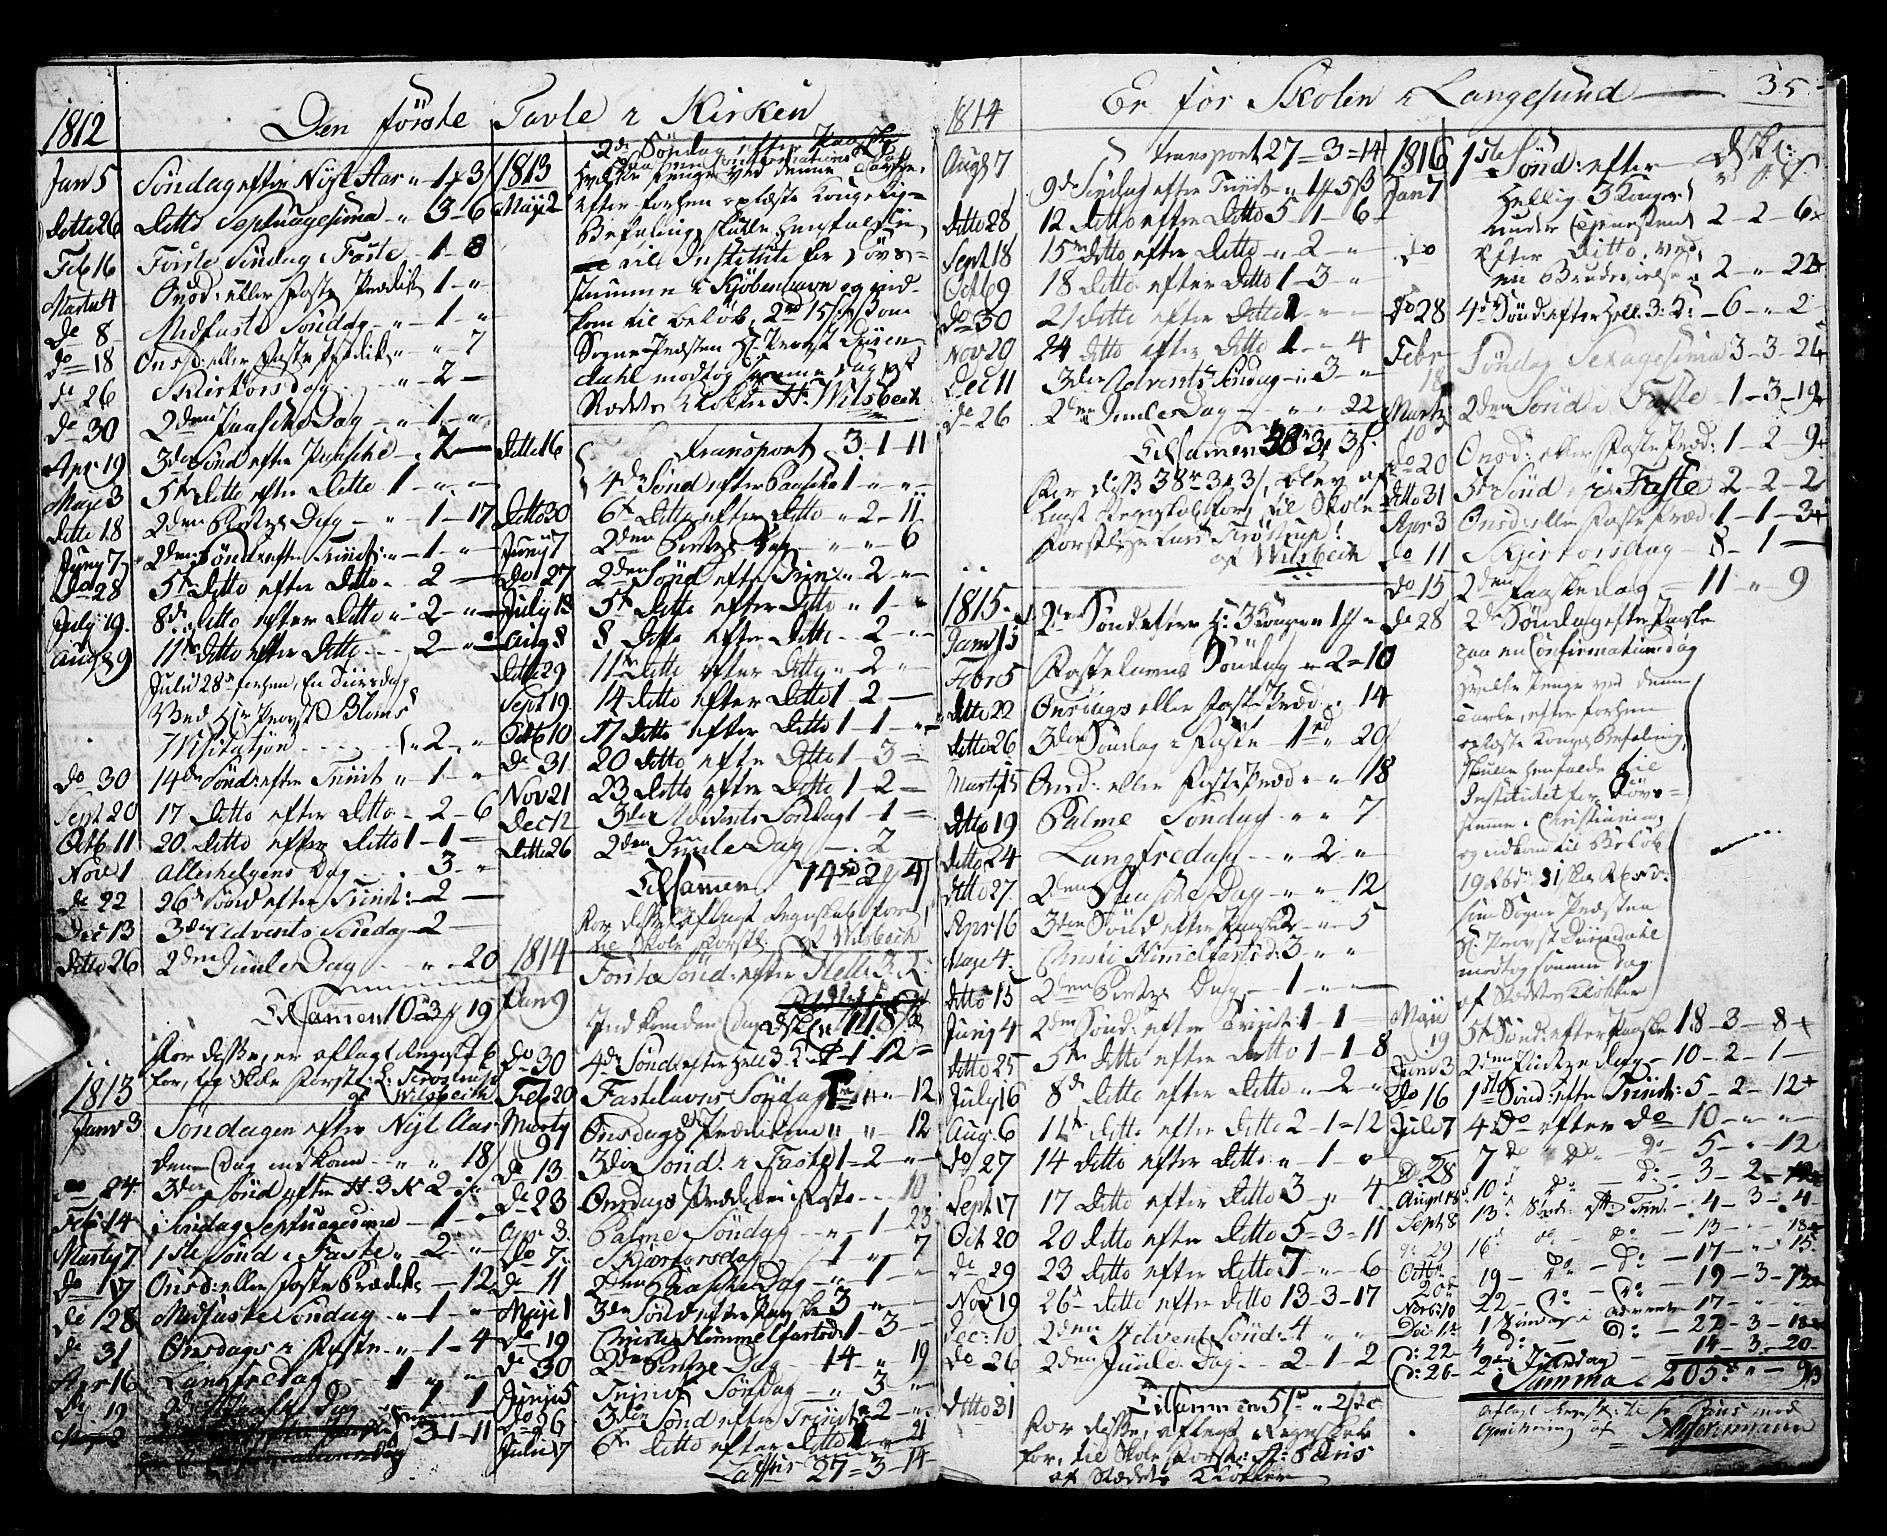 SAKO, Langesund kirkebøker, G/Ga/L0002: Klokkerbok nr. 2, 1801-1815, s. 135